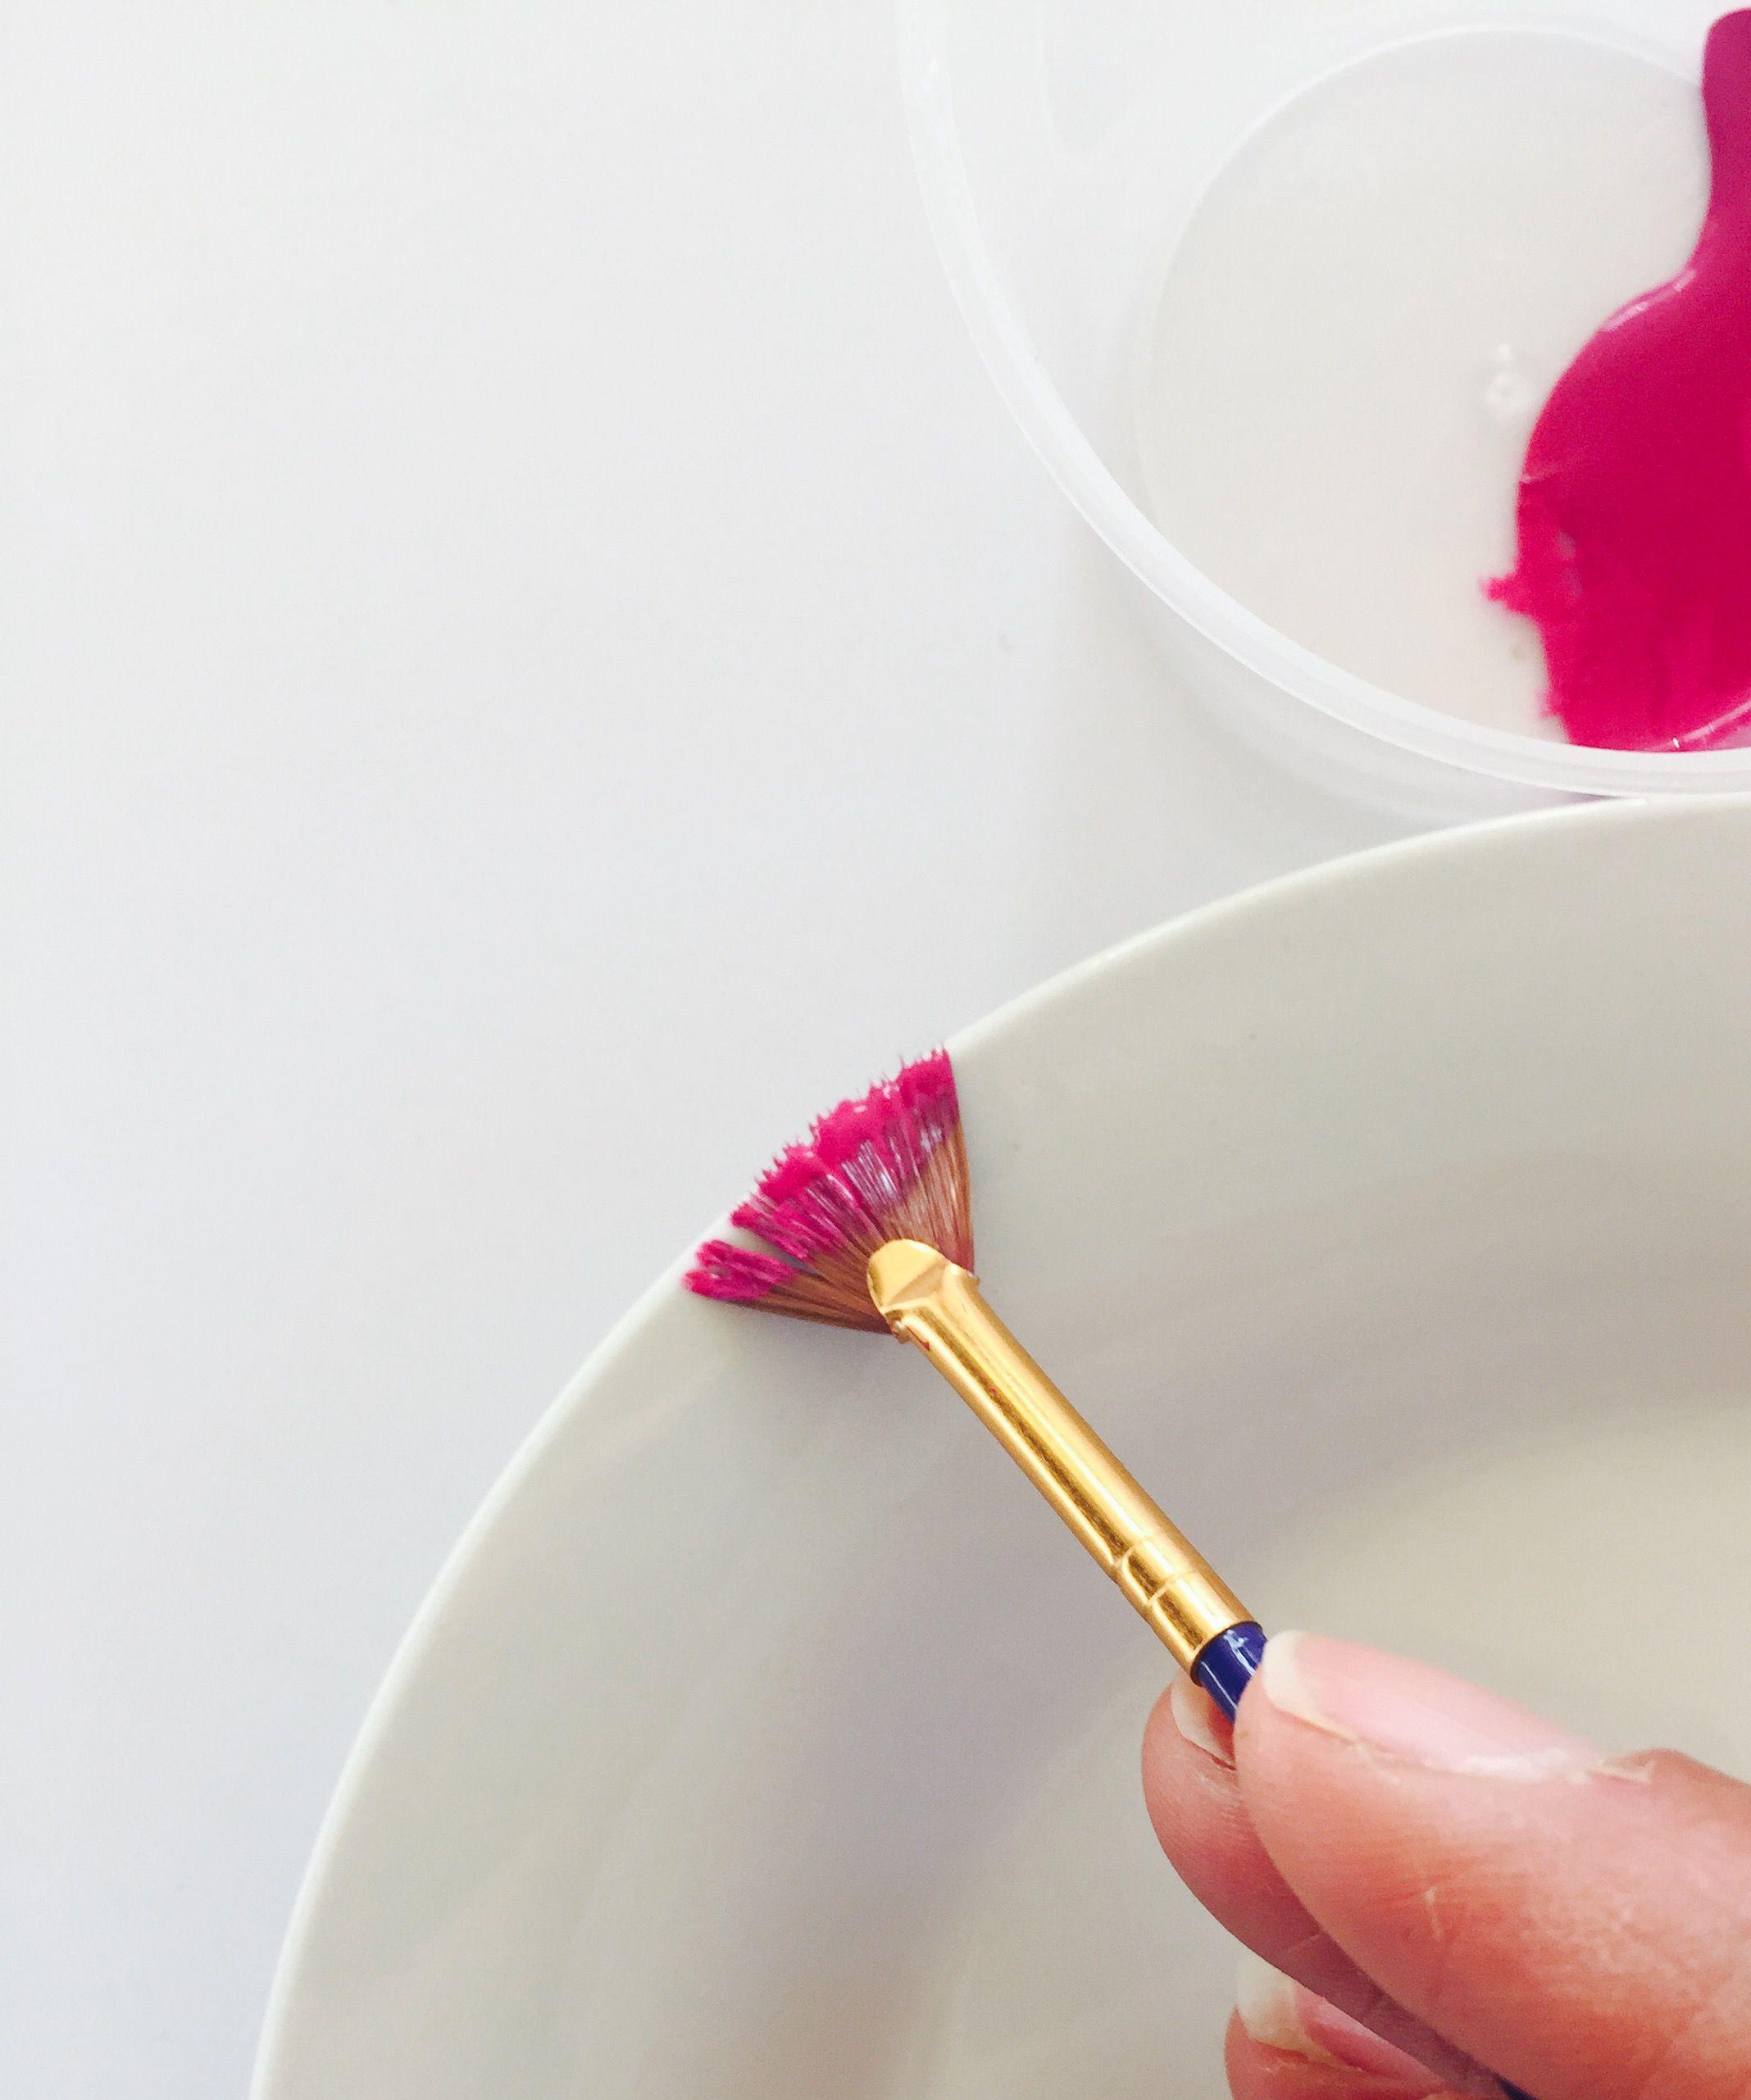 diy-pink-rimmed-plates-05